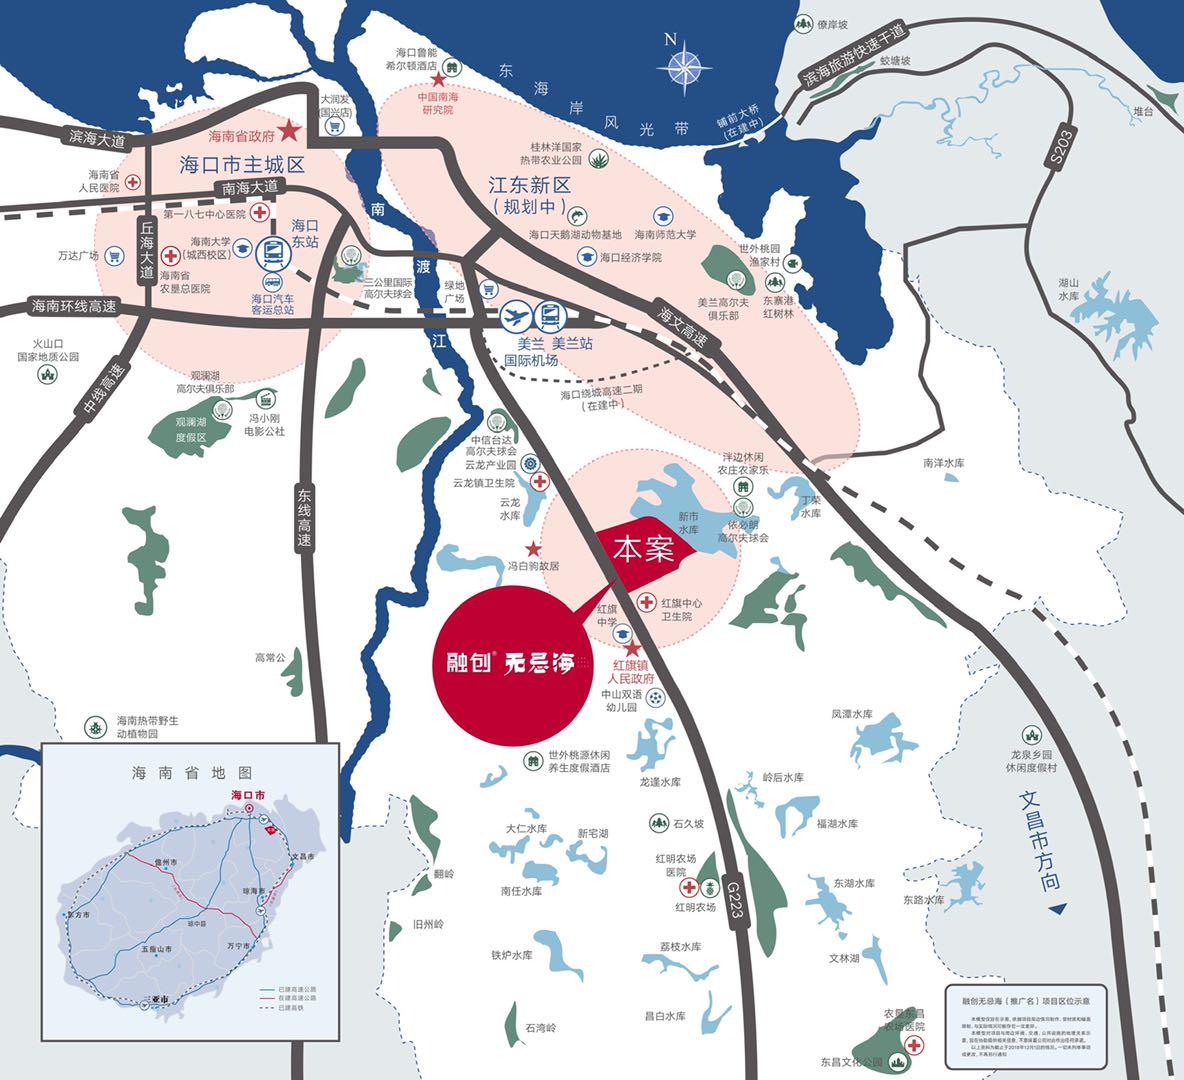 融创无忌海交通图